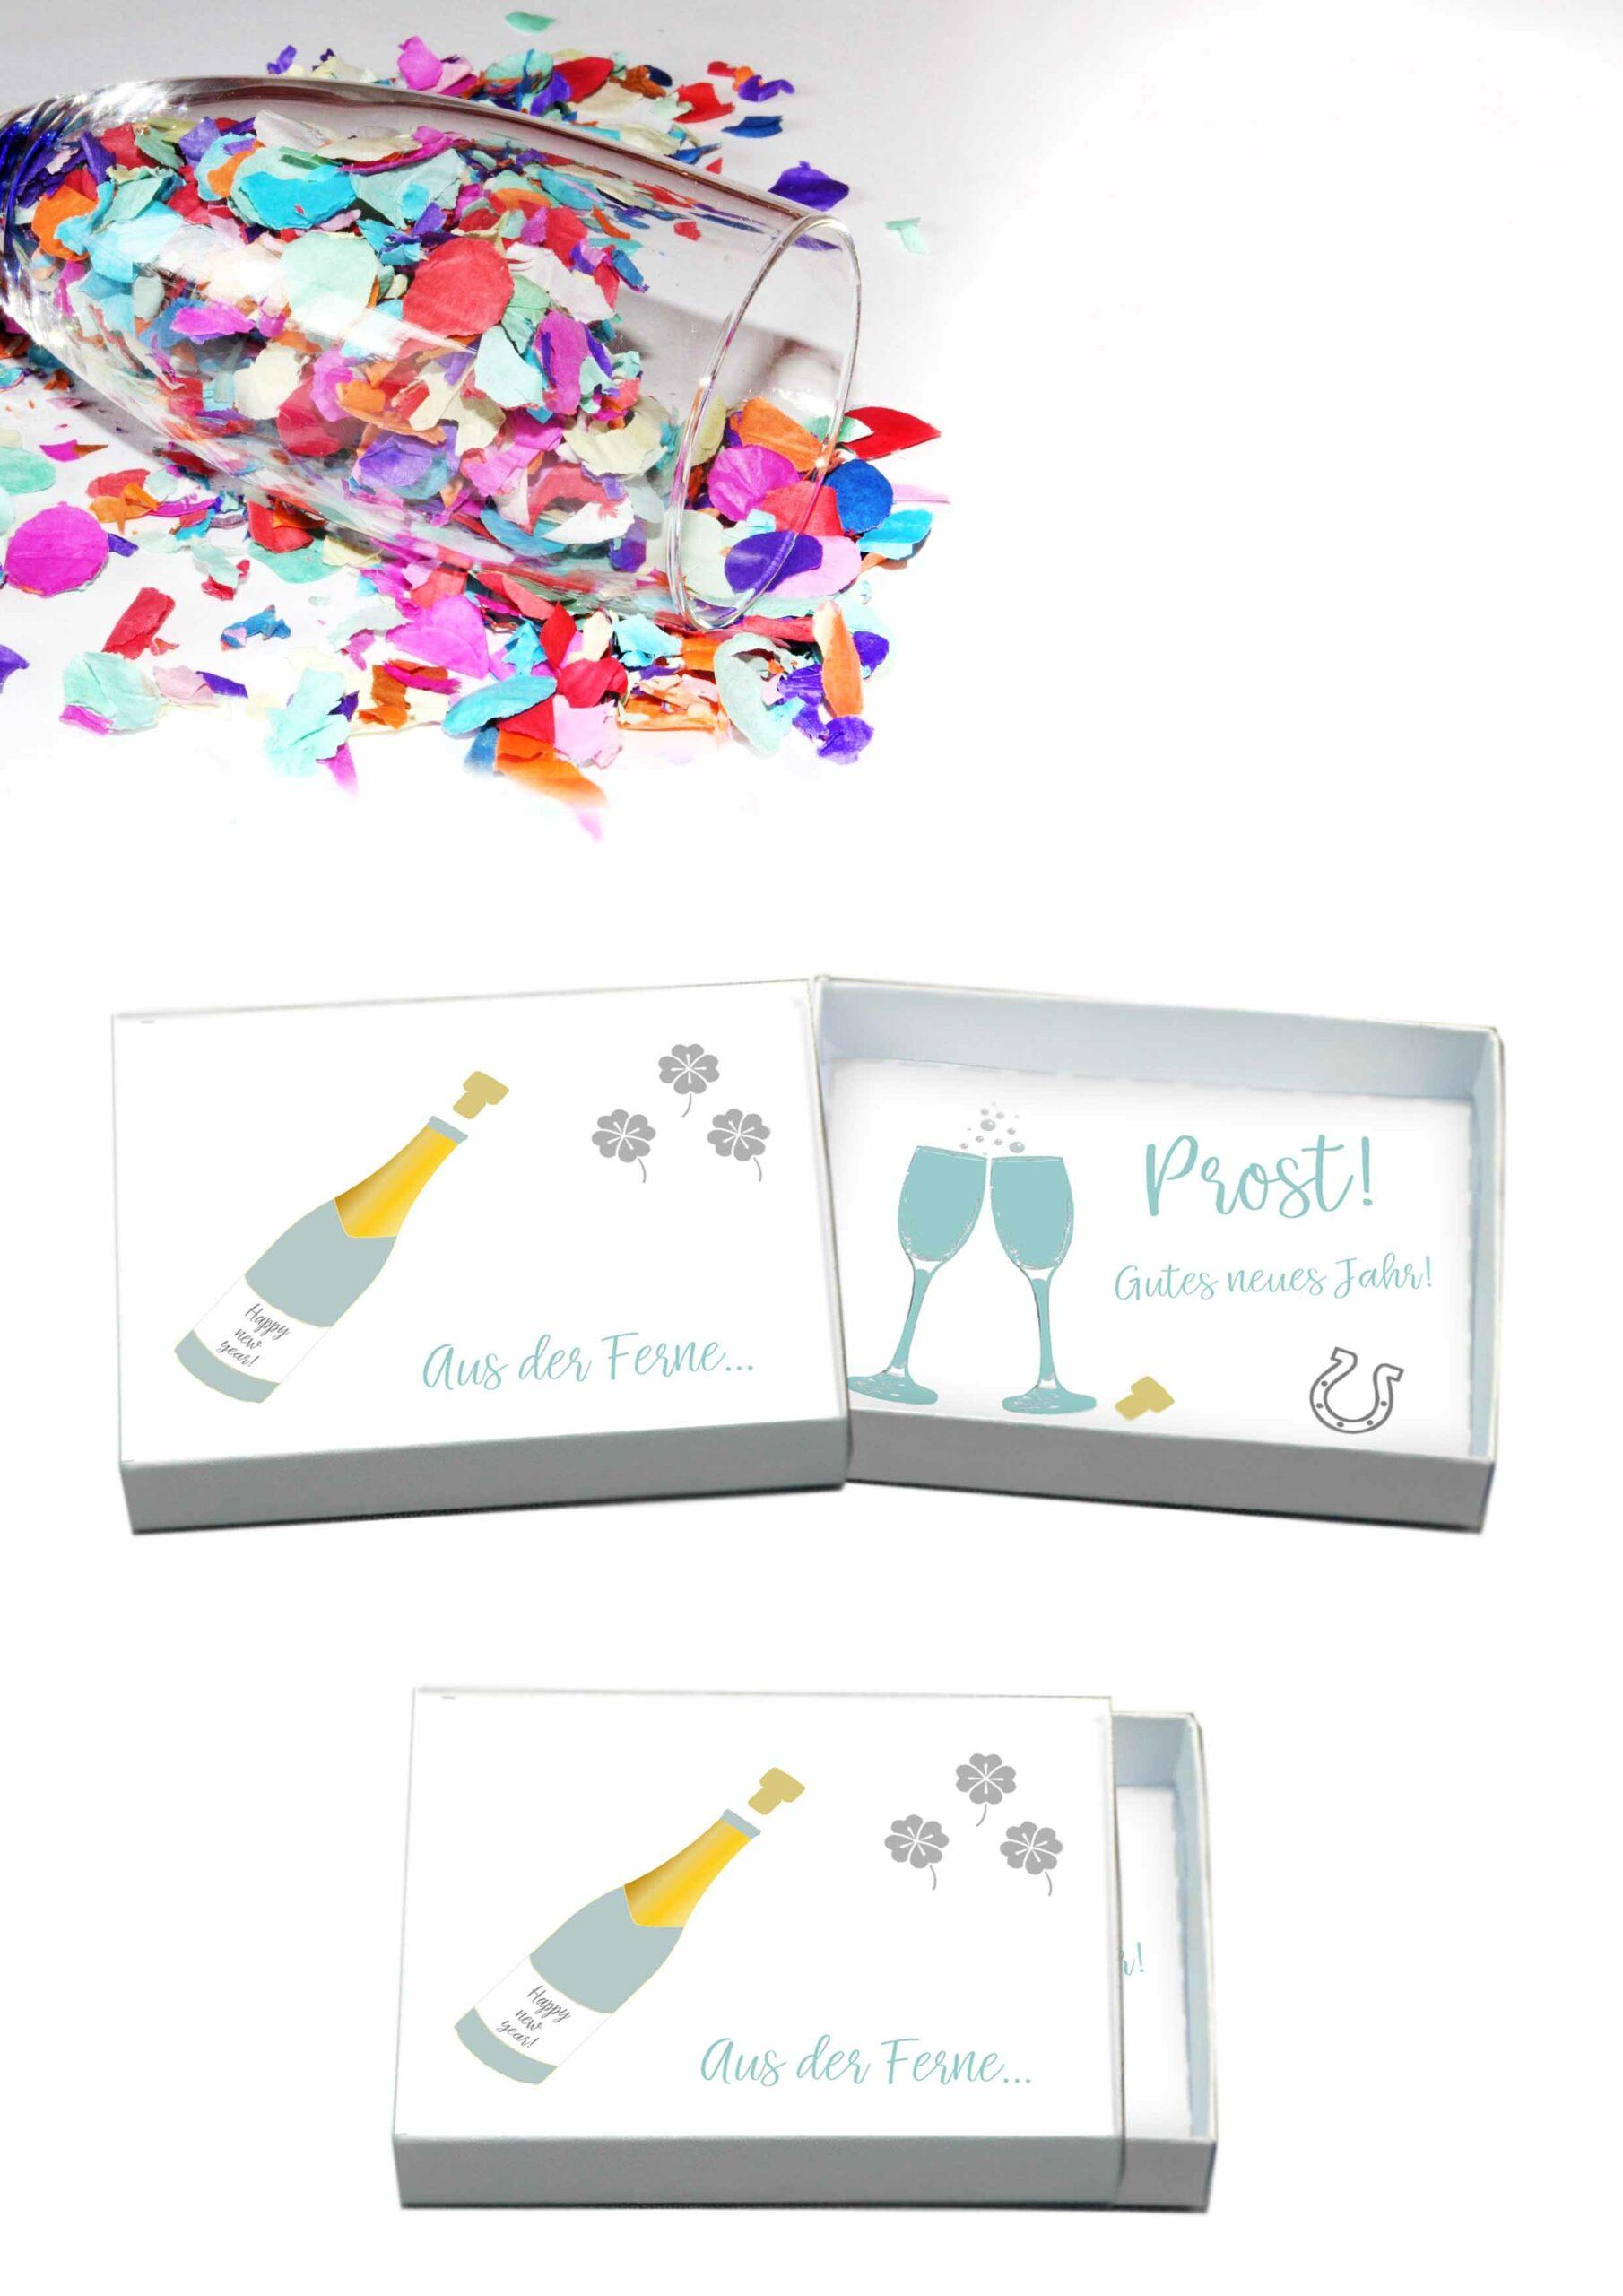 Druckvorlagen für Neujahrsgrüßeaus der Box